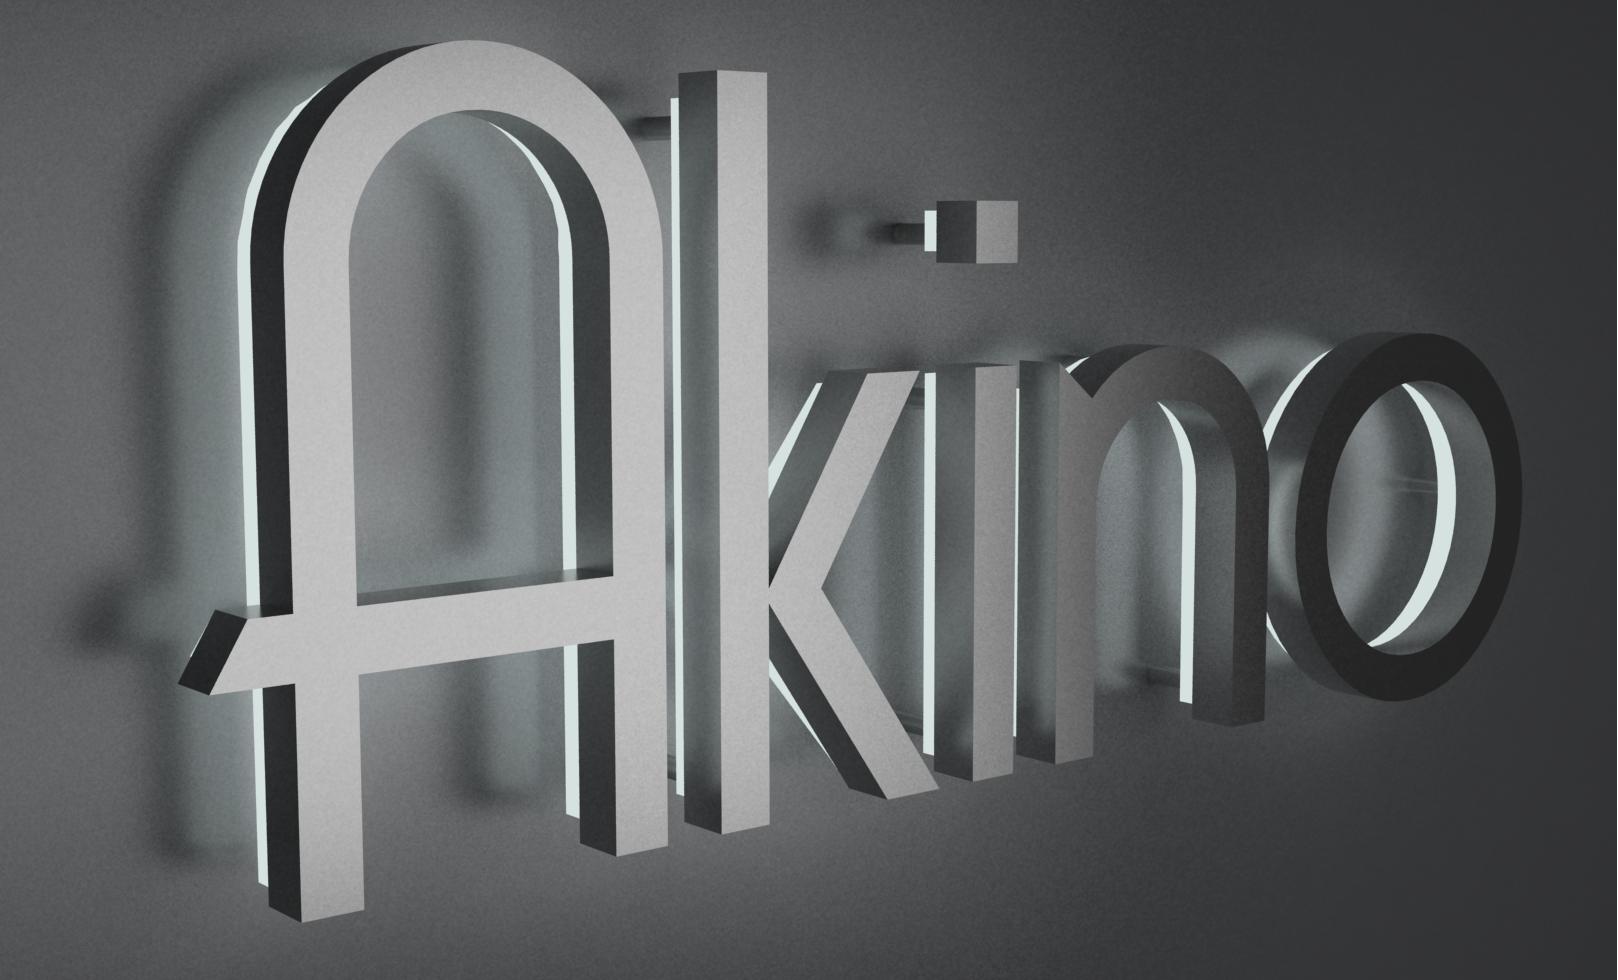 Подкаст AkiNO Выпуск № 31 (18+) - Изображение 1